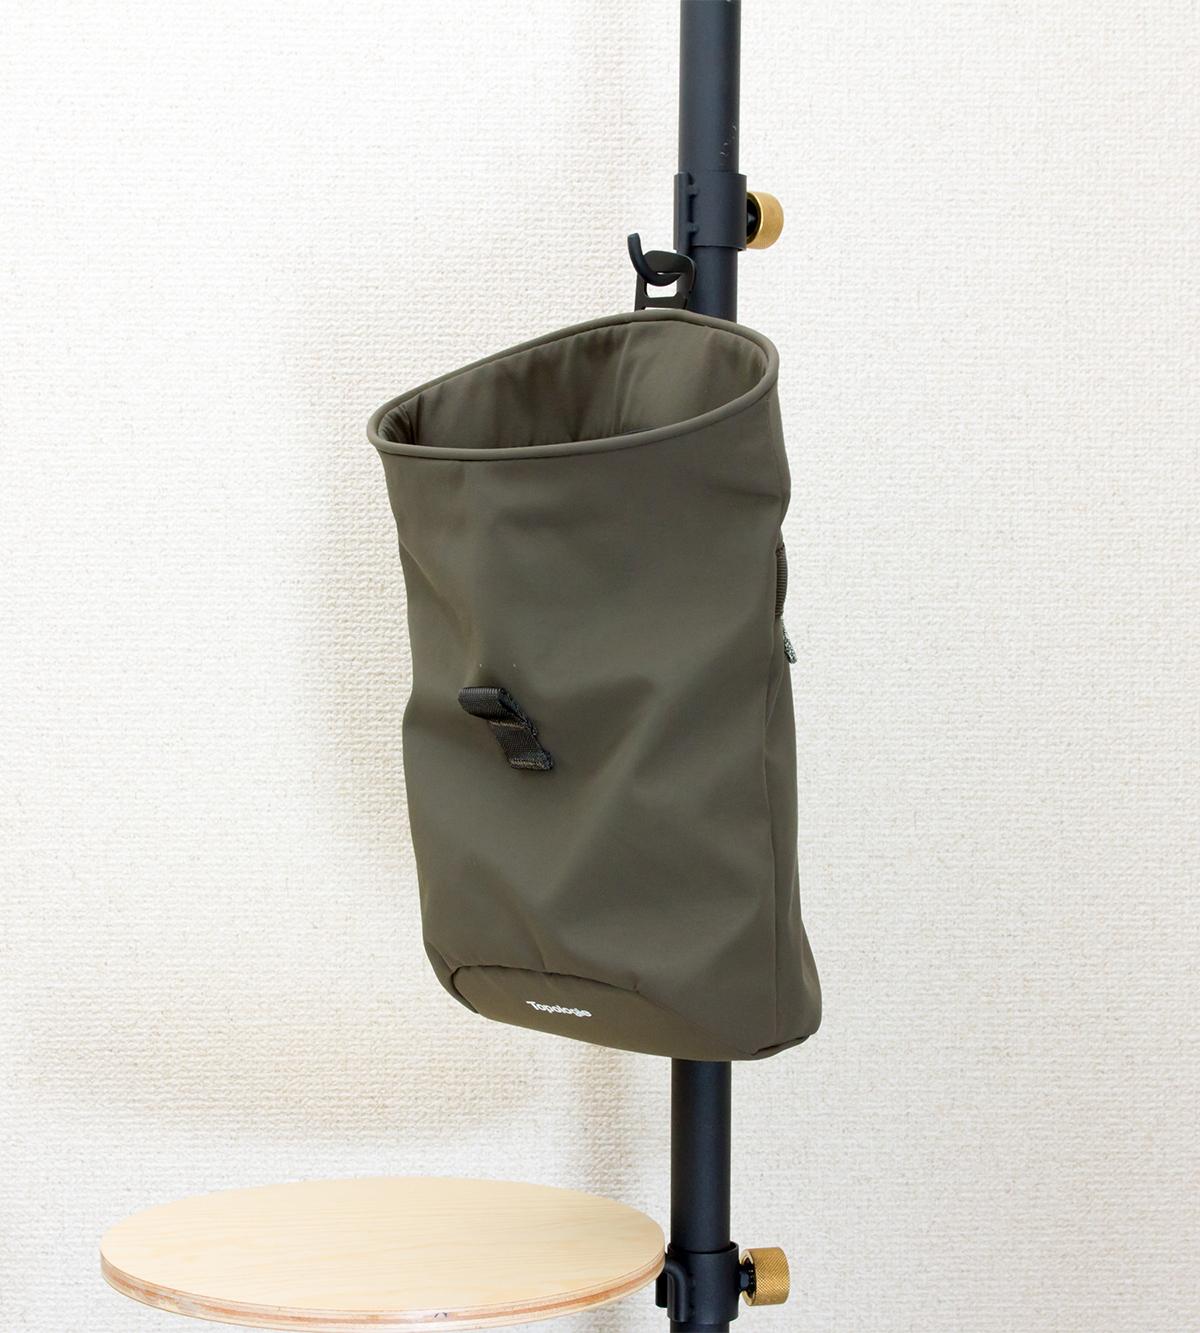 吊り下げバッグ|棚やポールに吊り下げて小物入れとして使える、超軽量、動きを邪魔しない、荷重を分散、ミニマムデザインの4WAYウエストバッグ | Topologie